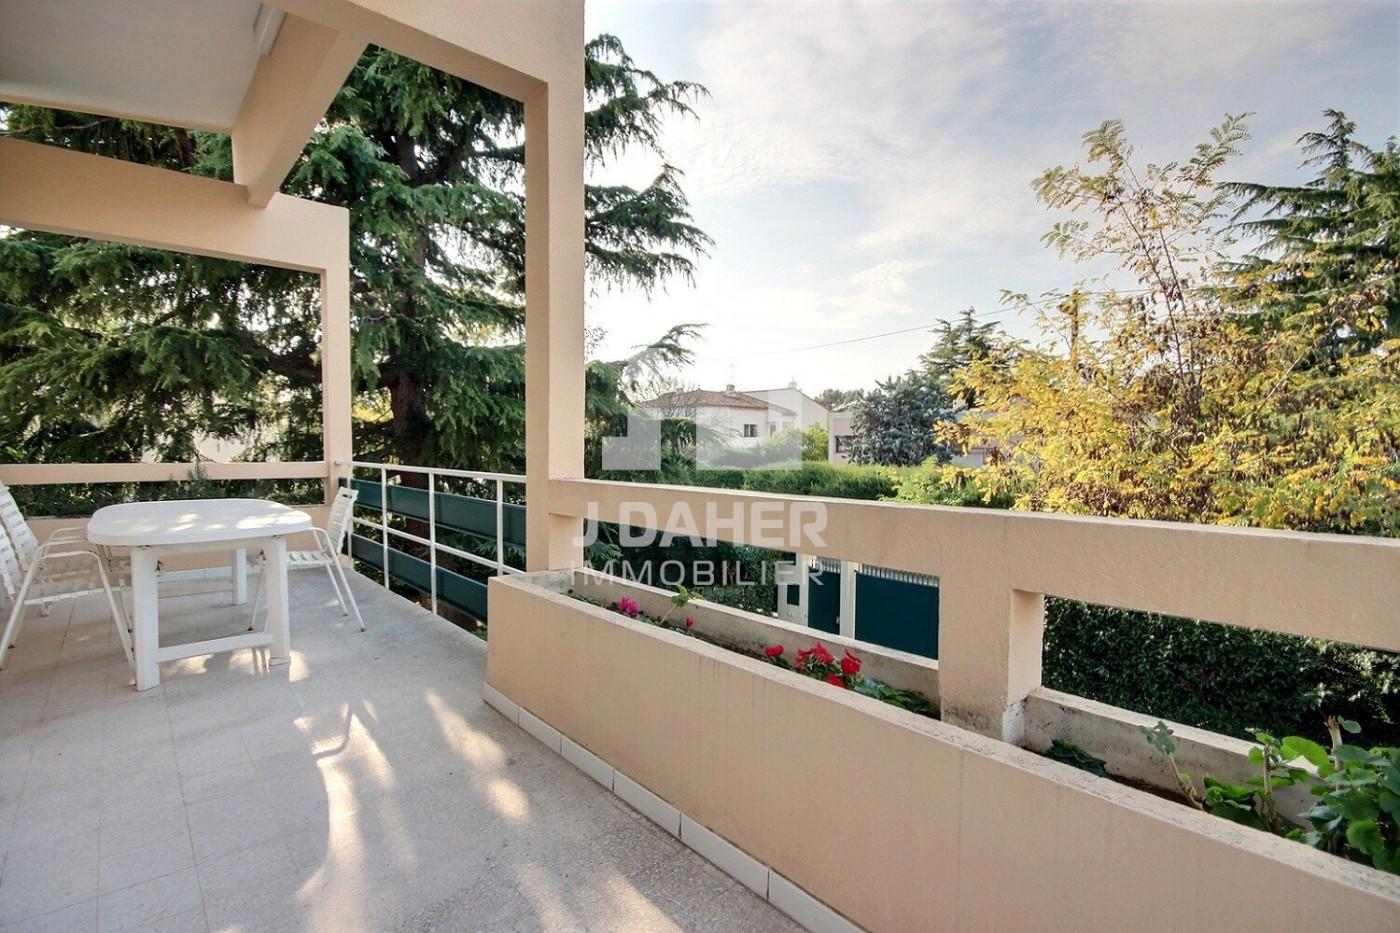 A vendre  Marseille 12eme Arrondissement | Réf 130251022 - J daher immobilier